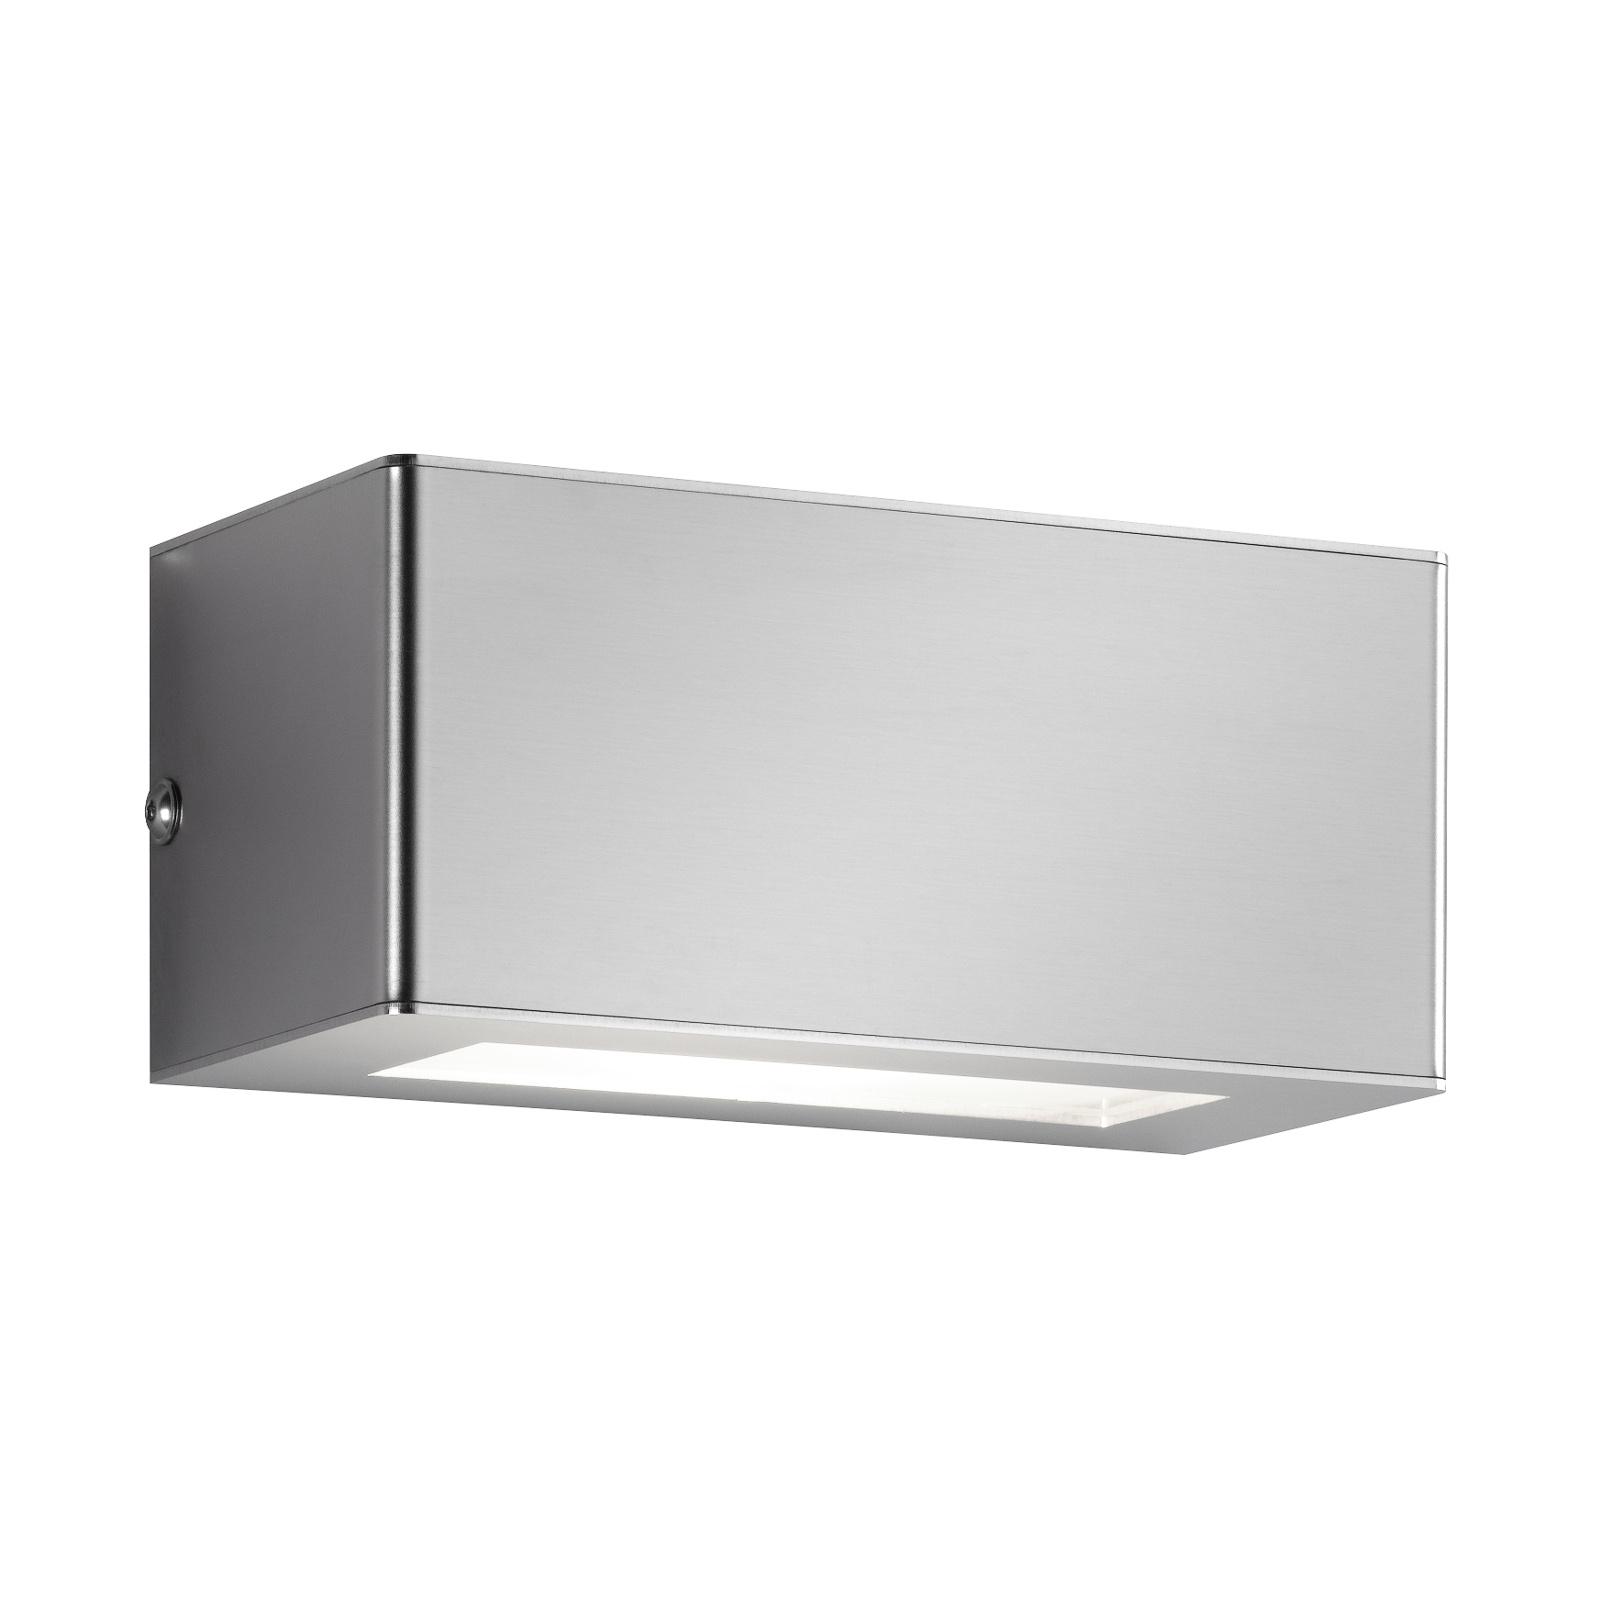 Aqua Stone udendørs LED-væglampe, 2 lyskilder